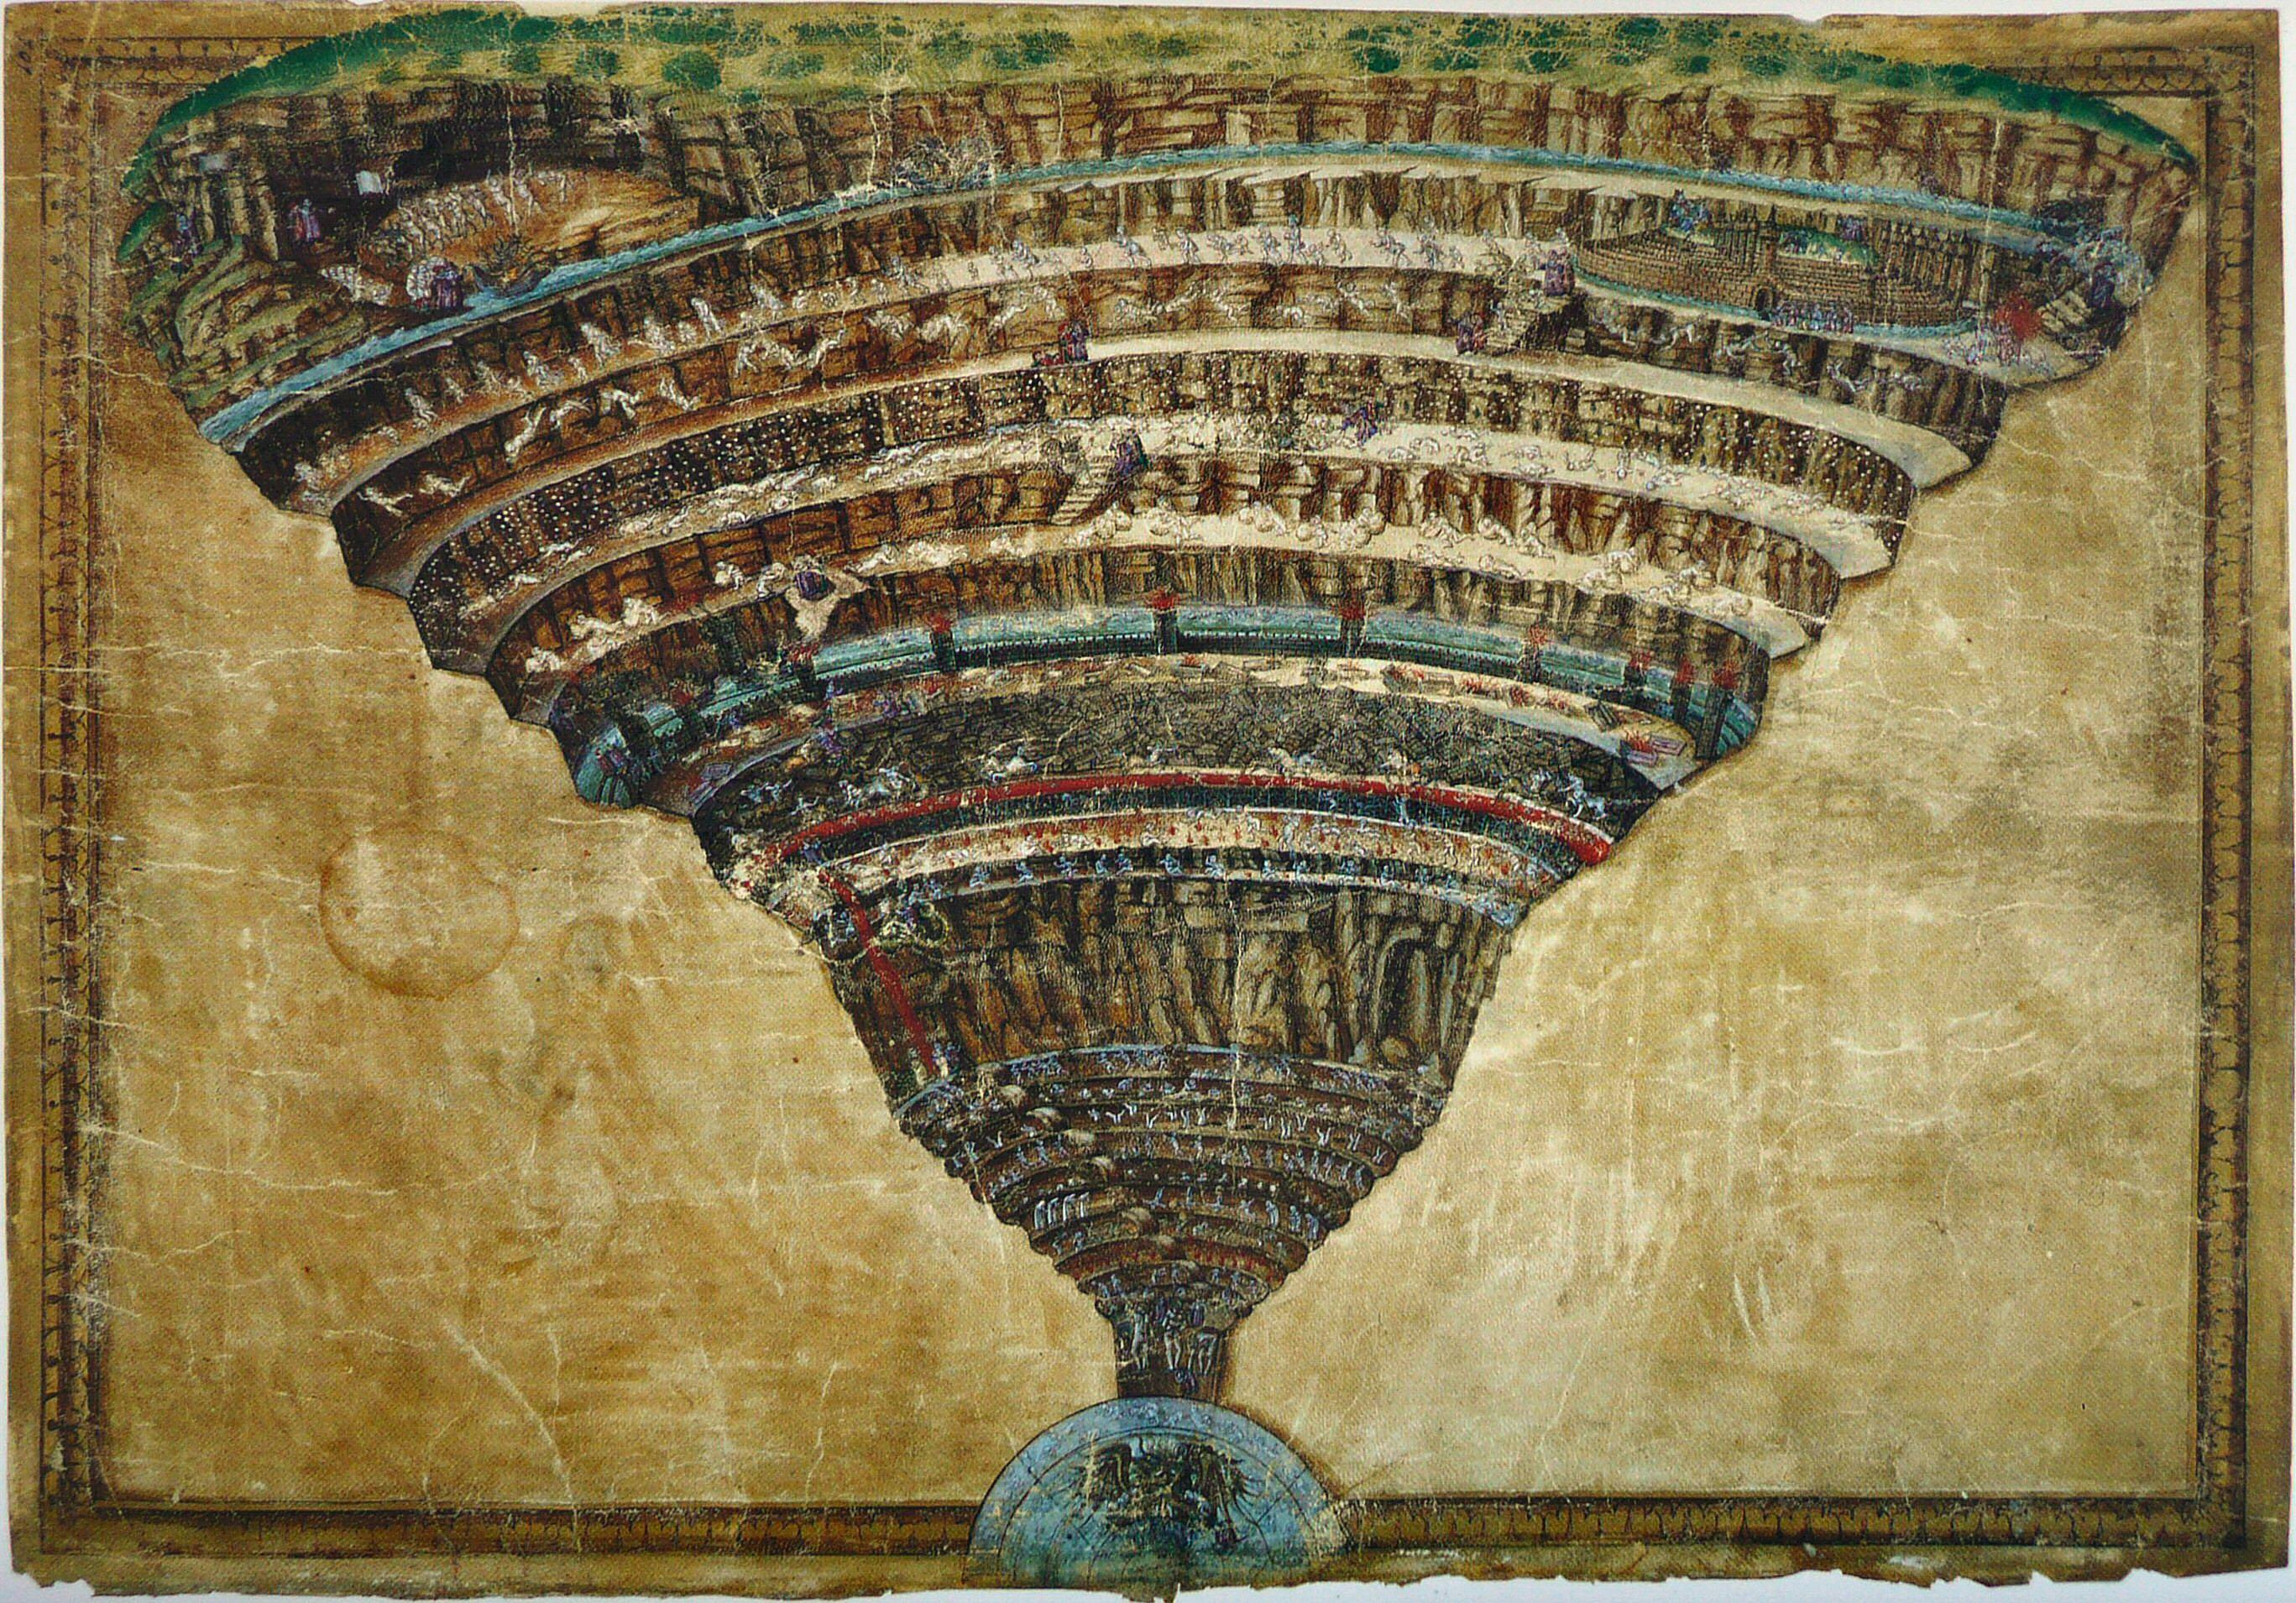 3-el-infierno-visto-por-botticelli-1480-95